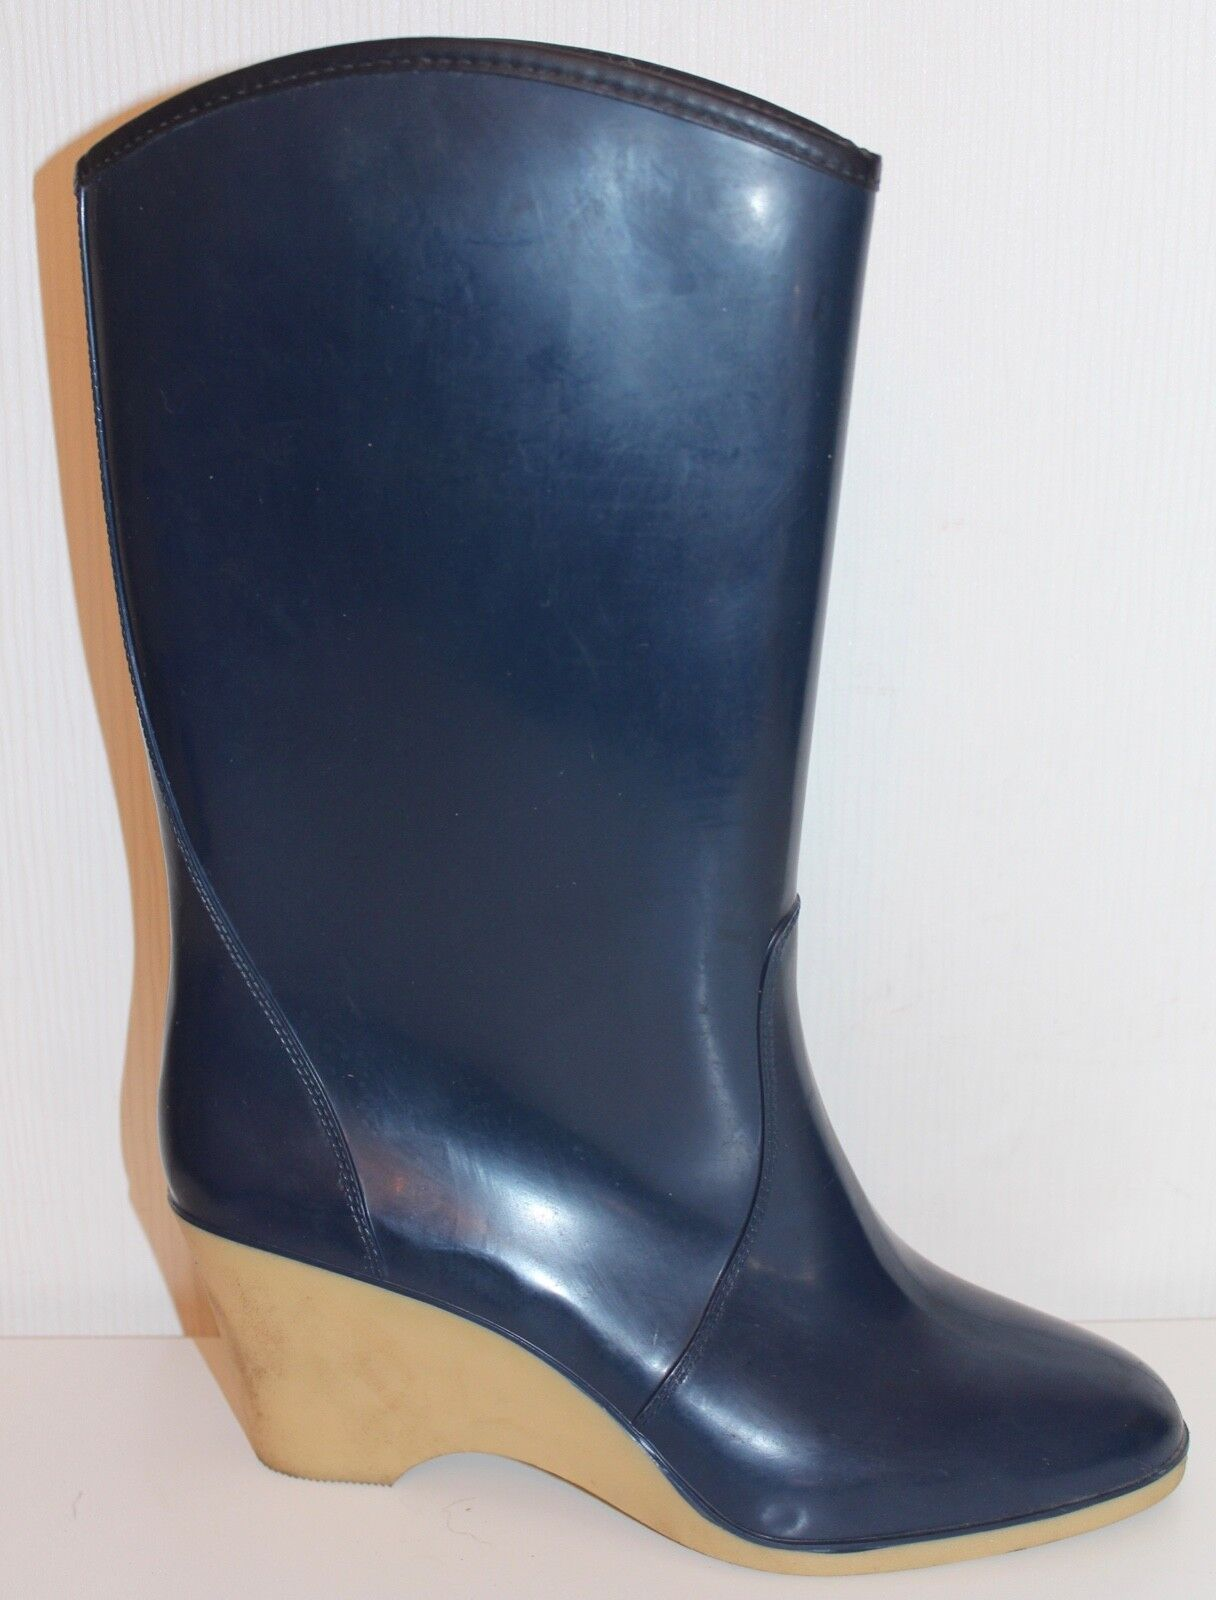 70s 70er vintage botas de goma botas de goma con el apartado True VTG rubber botas 38